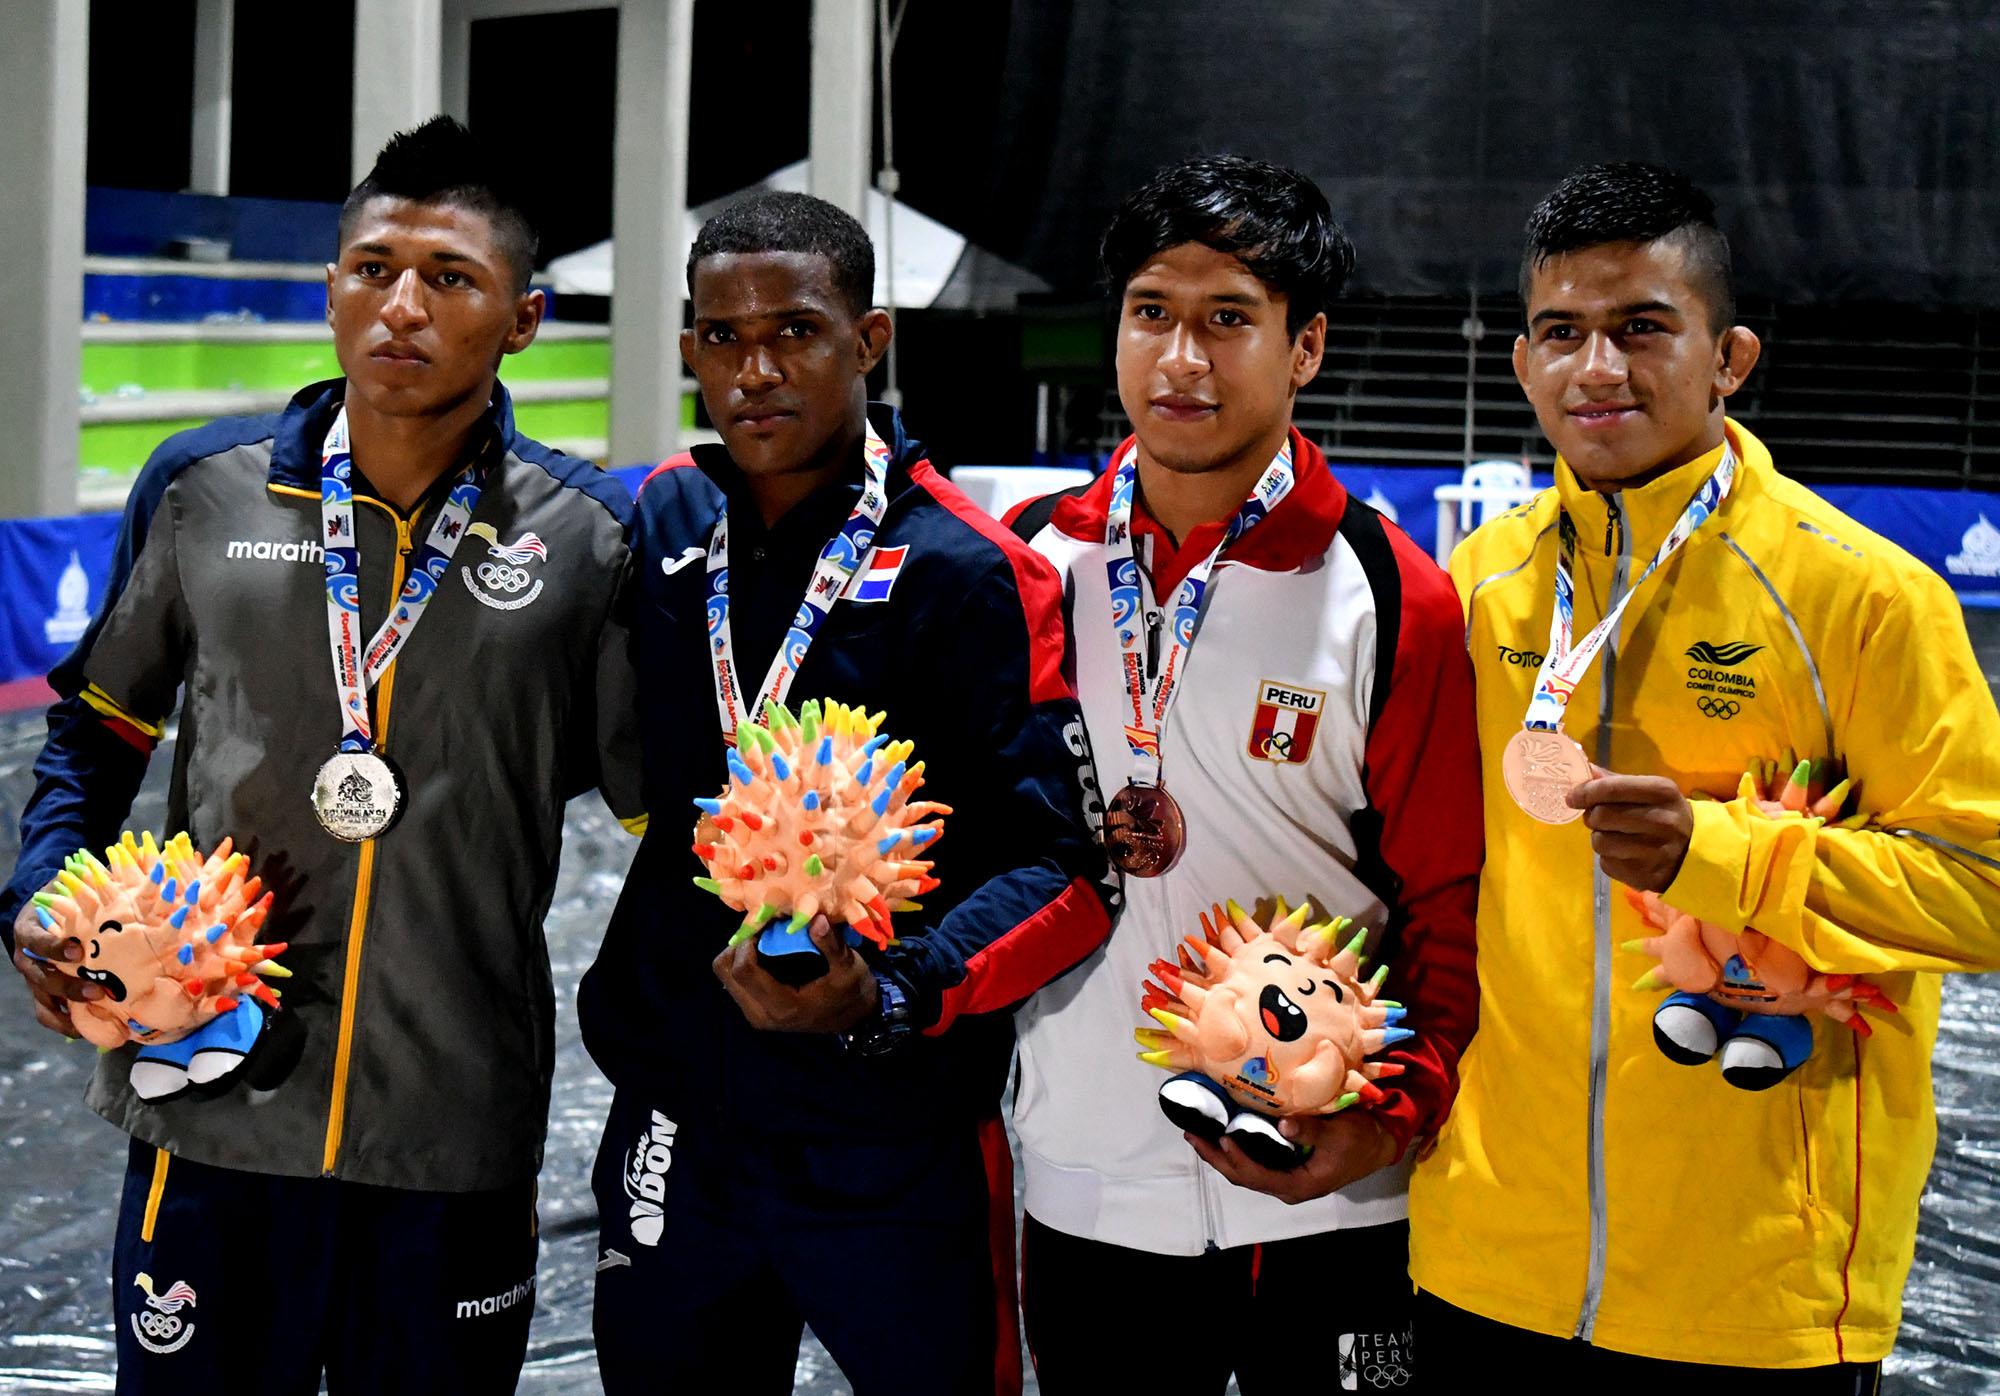 Castro se hace del oro y Ramírez del bronce en judo Bolivarianos